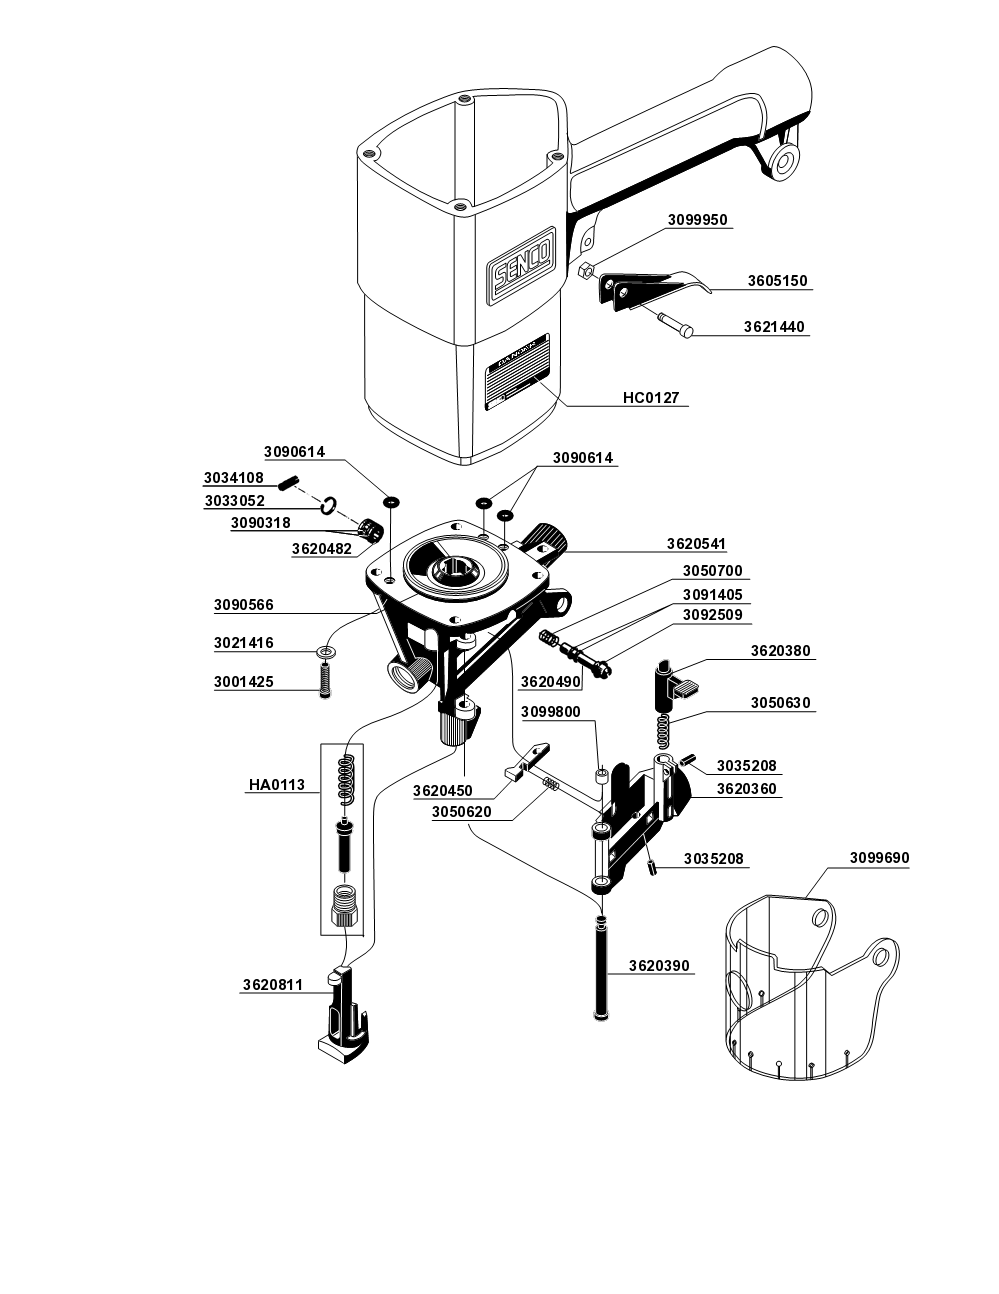 SCN200-senco-PB-1Break Down